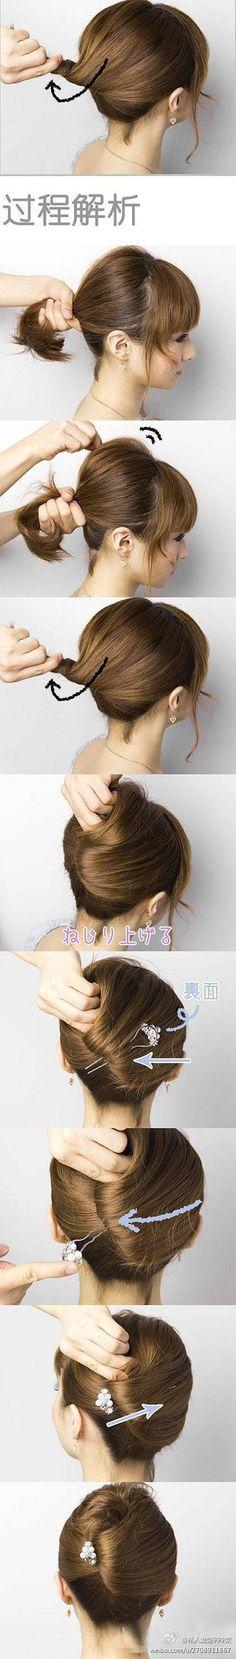 很美的短发盘发,超实用的盘发技巧,让你魅力飙升,一定要学!图片来源于网络 @私人发型999款